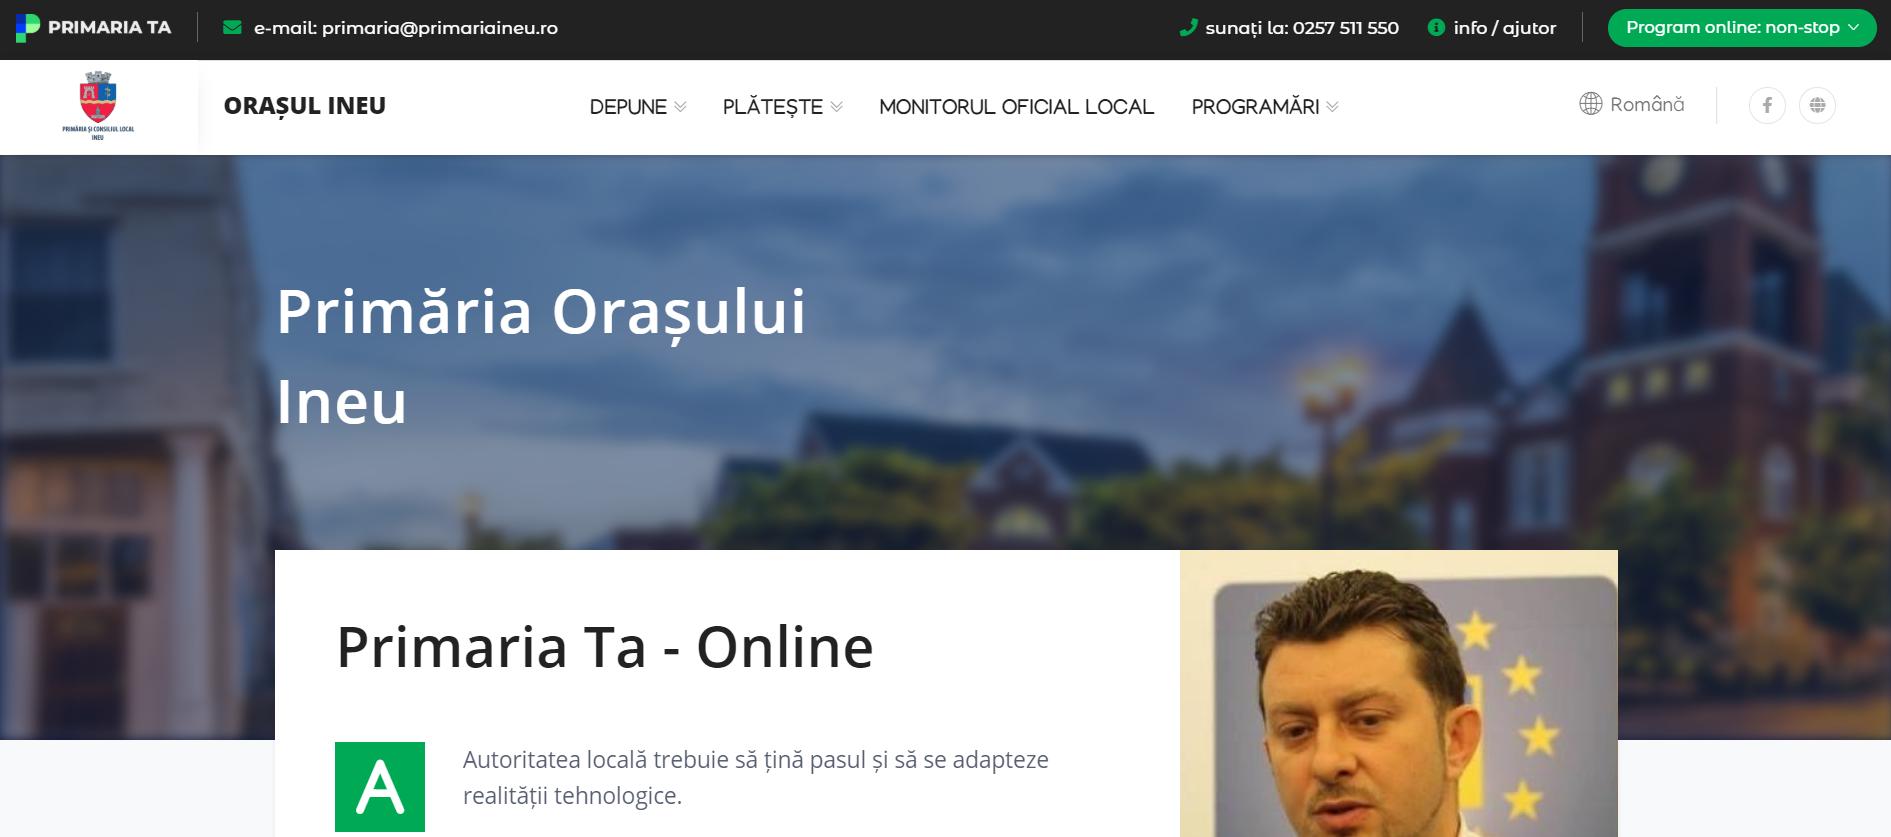 Primăria Orașului Ineu Online